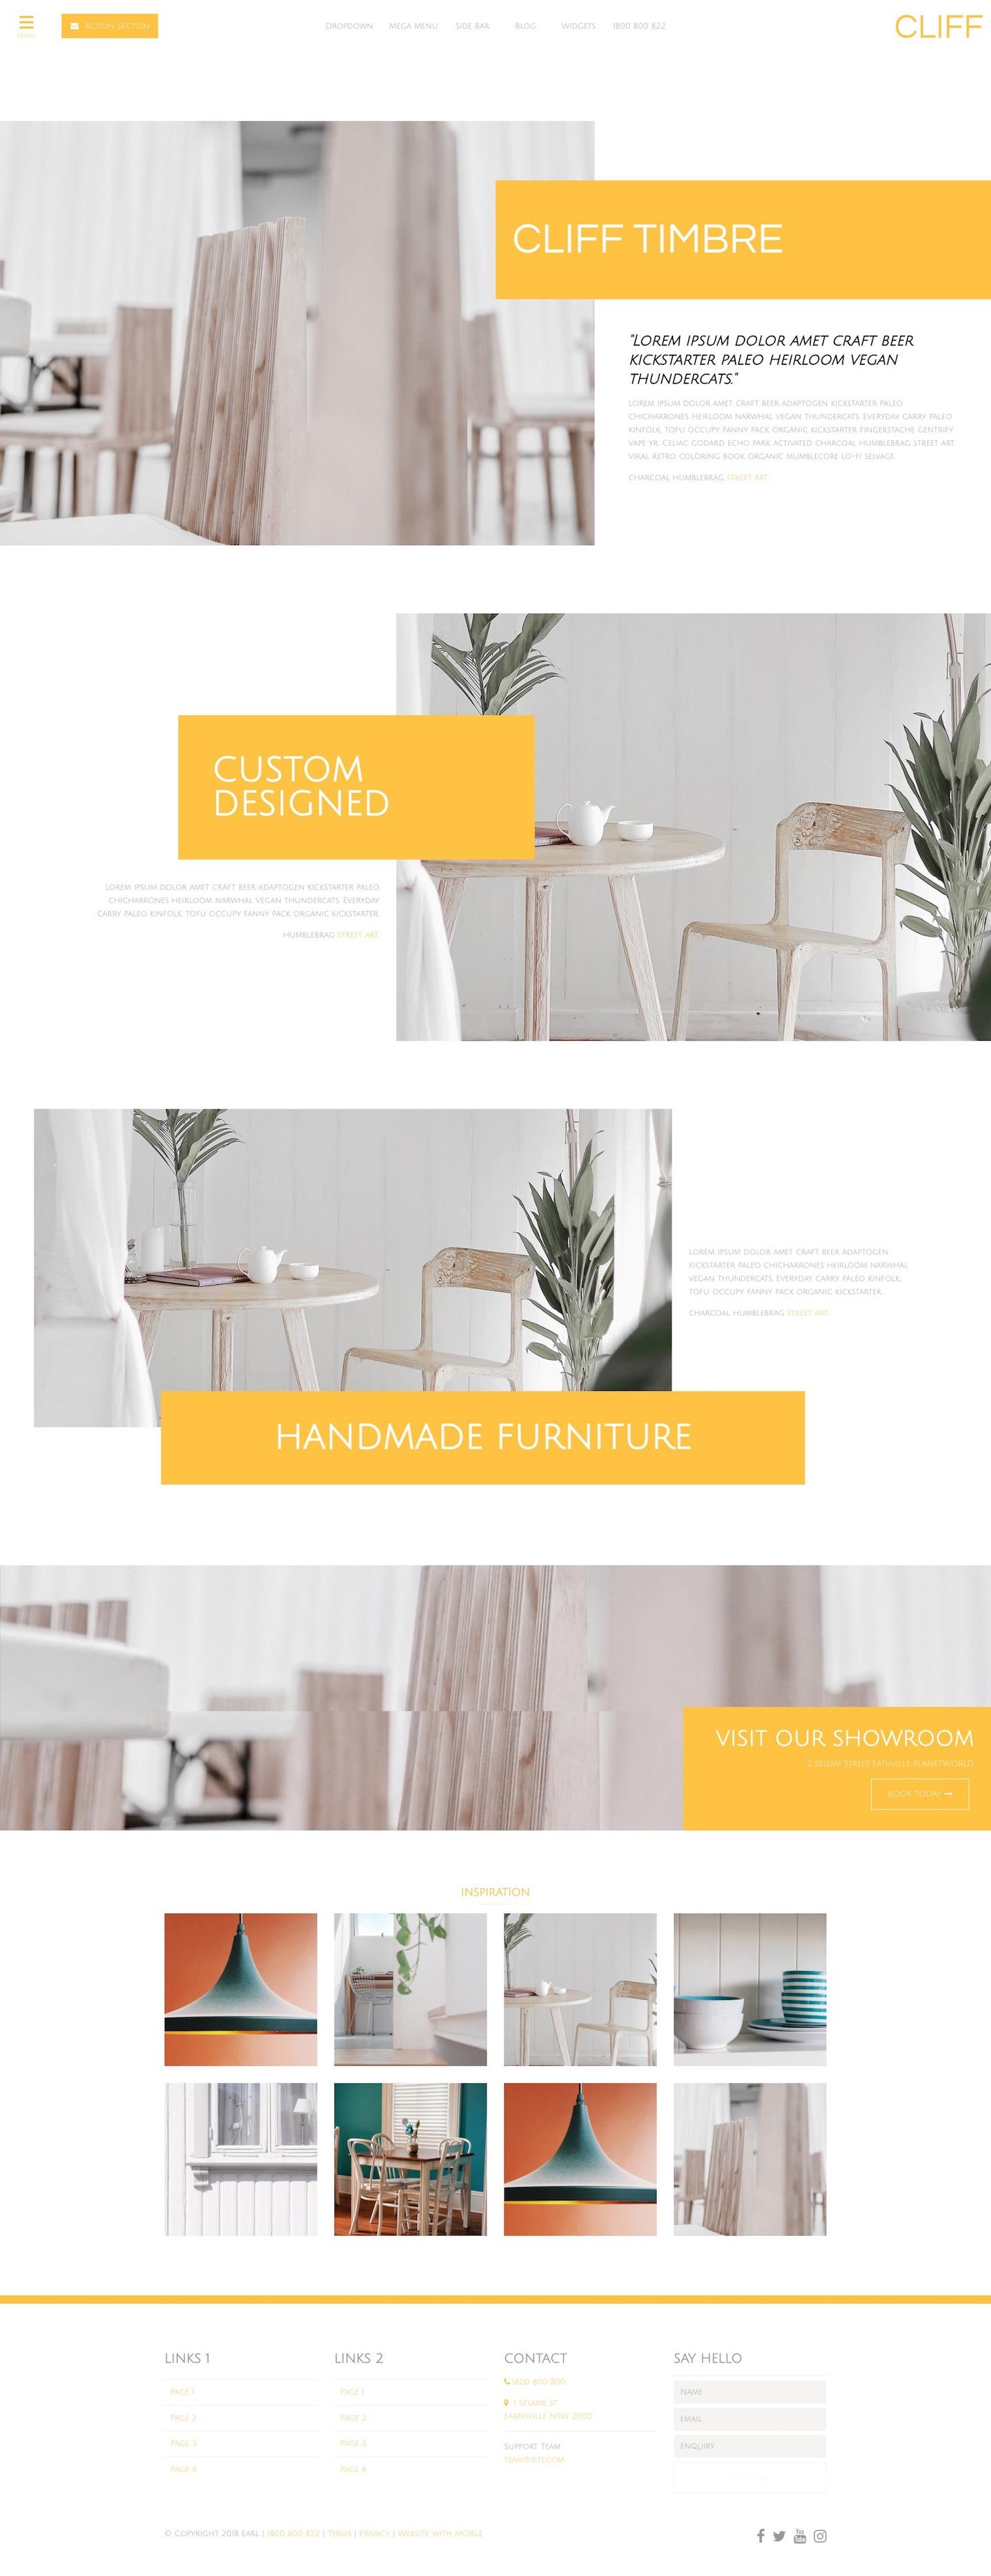 Cliff Website Design